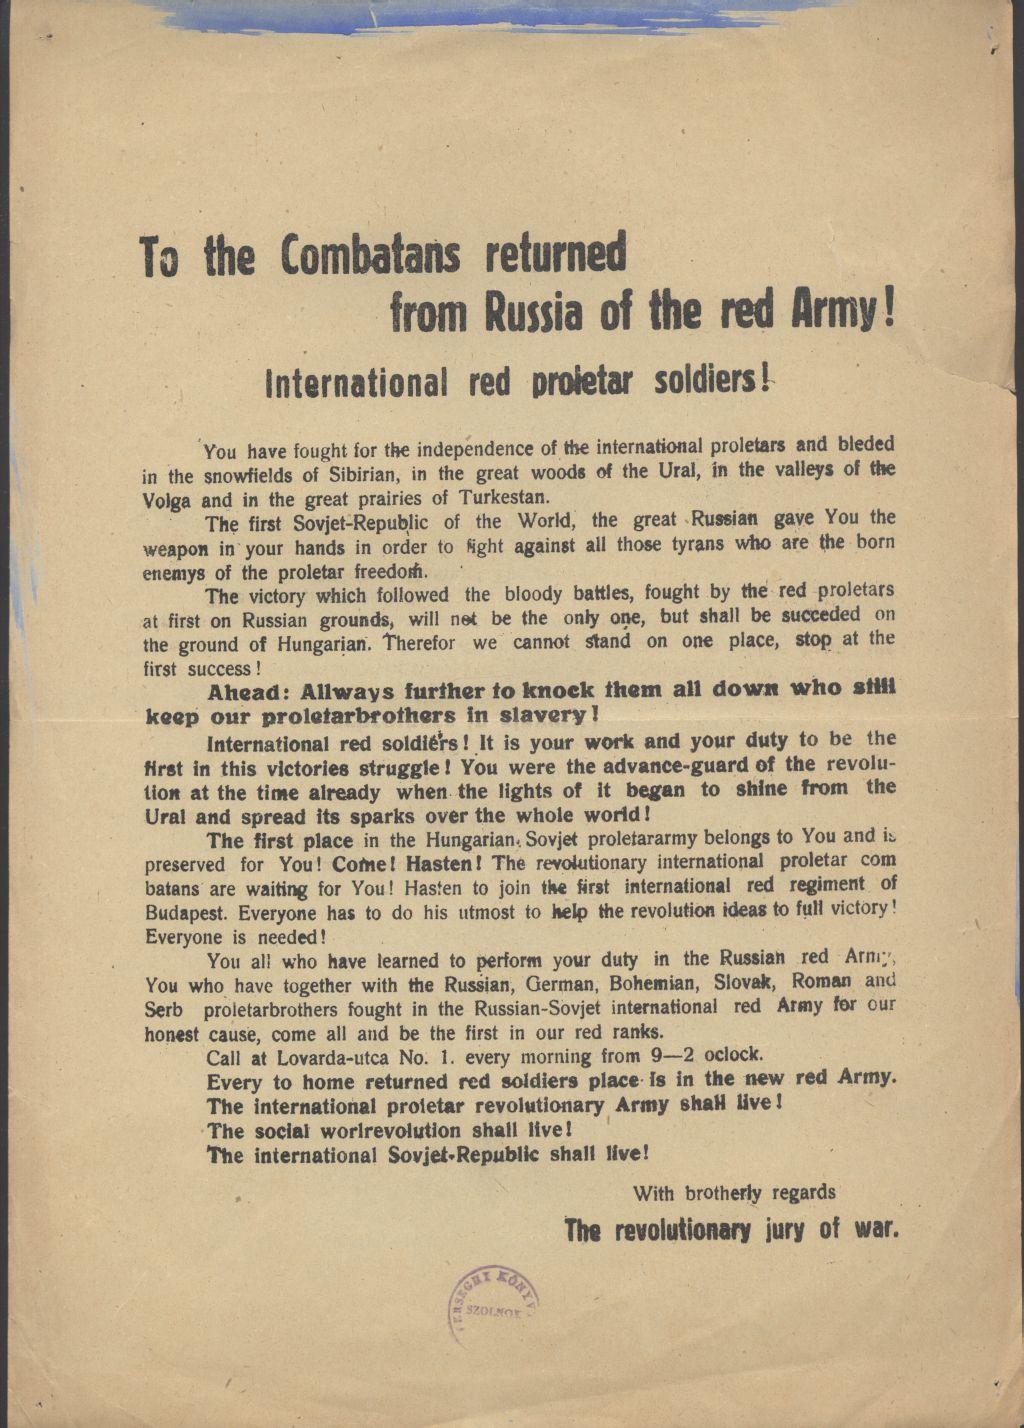 """To the combatans returned from Russia of the Red Army! """"...A harcosok visszatértek!... [...] ... csatlakozz az első nemzetközi vörös ezredhez Budapesten..."""""""